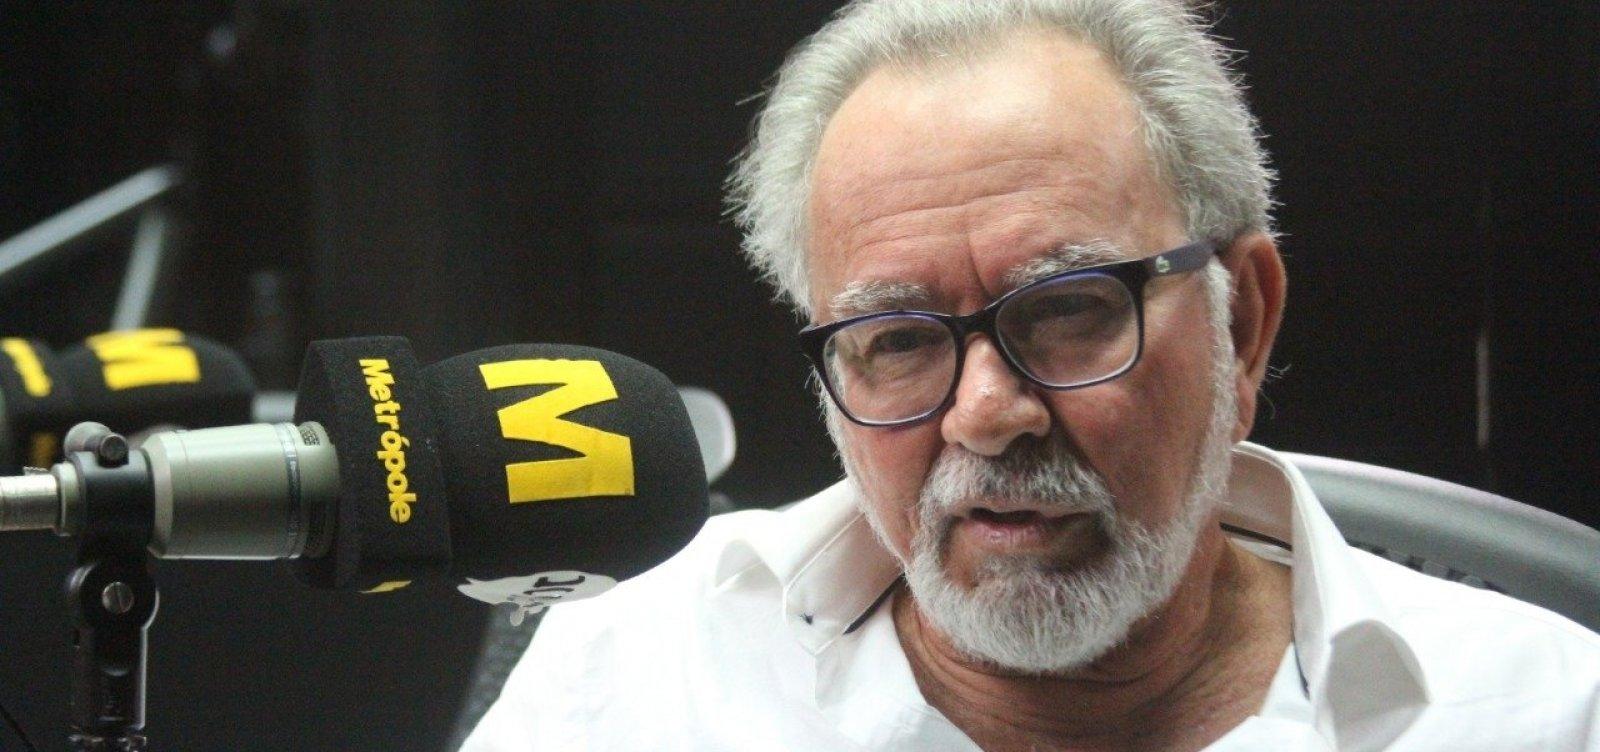 'Minhas contas com a ditadura foram ajustadas', diz Aécio Pamponet